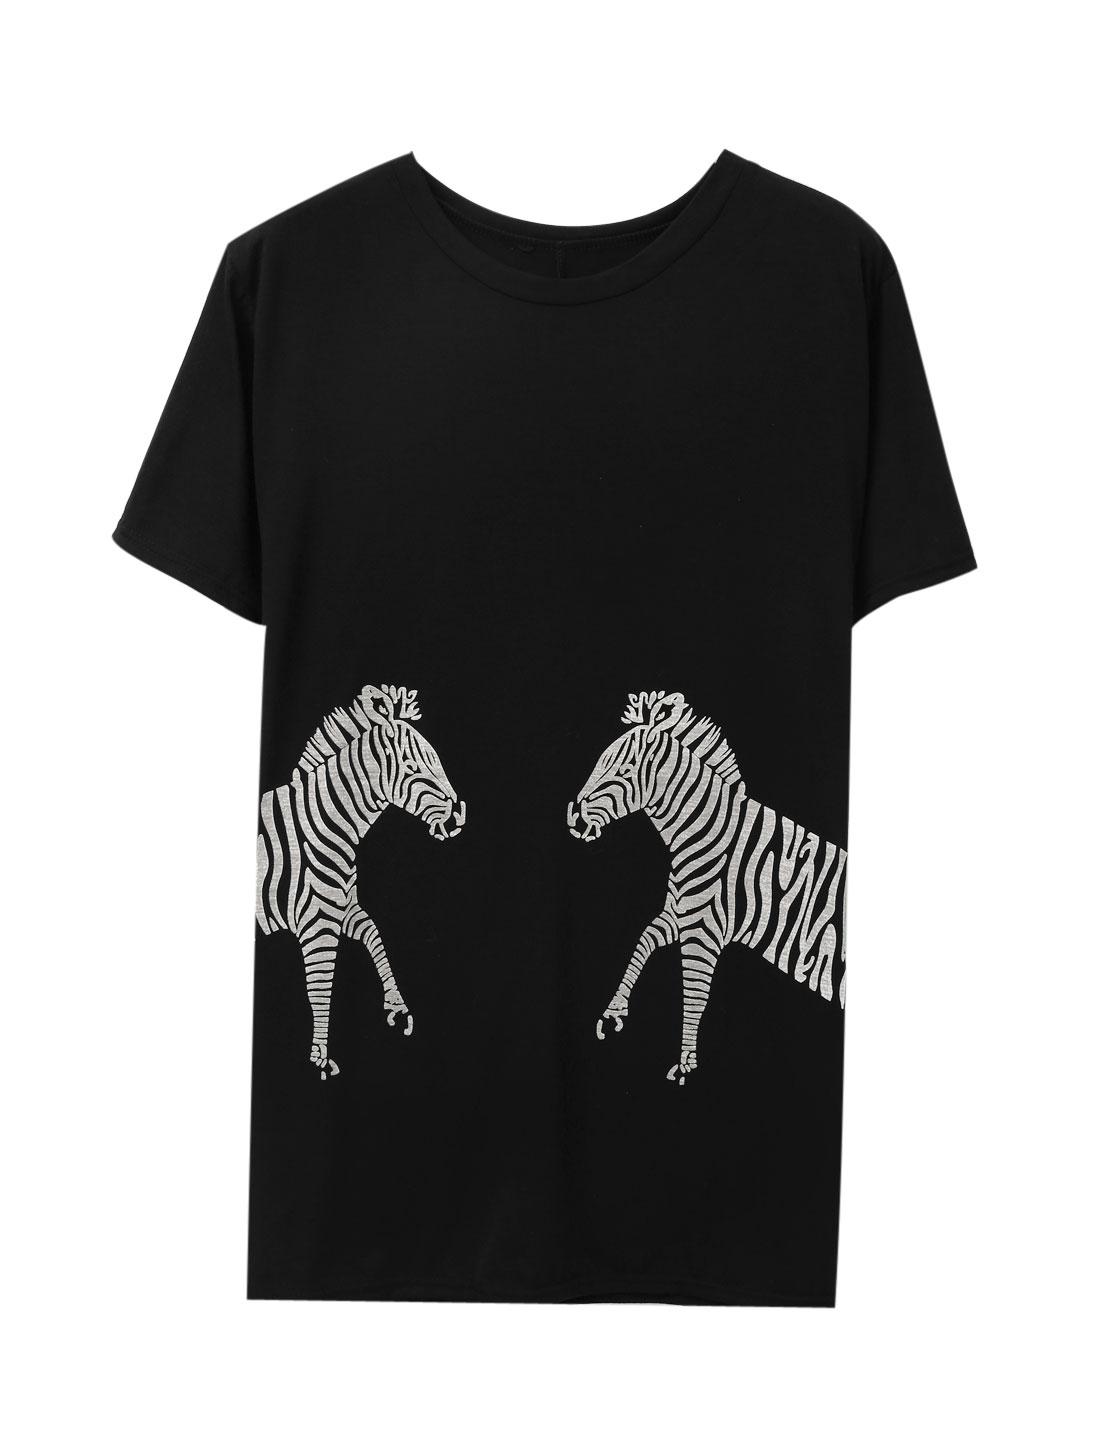 Ladies Short Sleeve Round Neck Zebra Prints Casual Tunic Top Black S